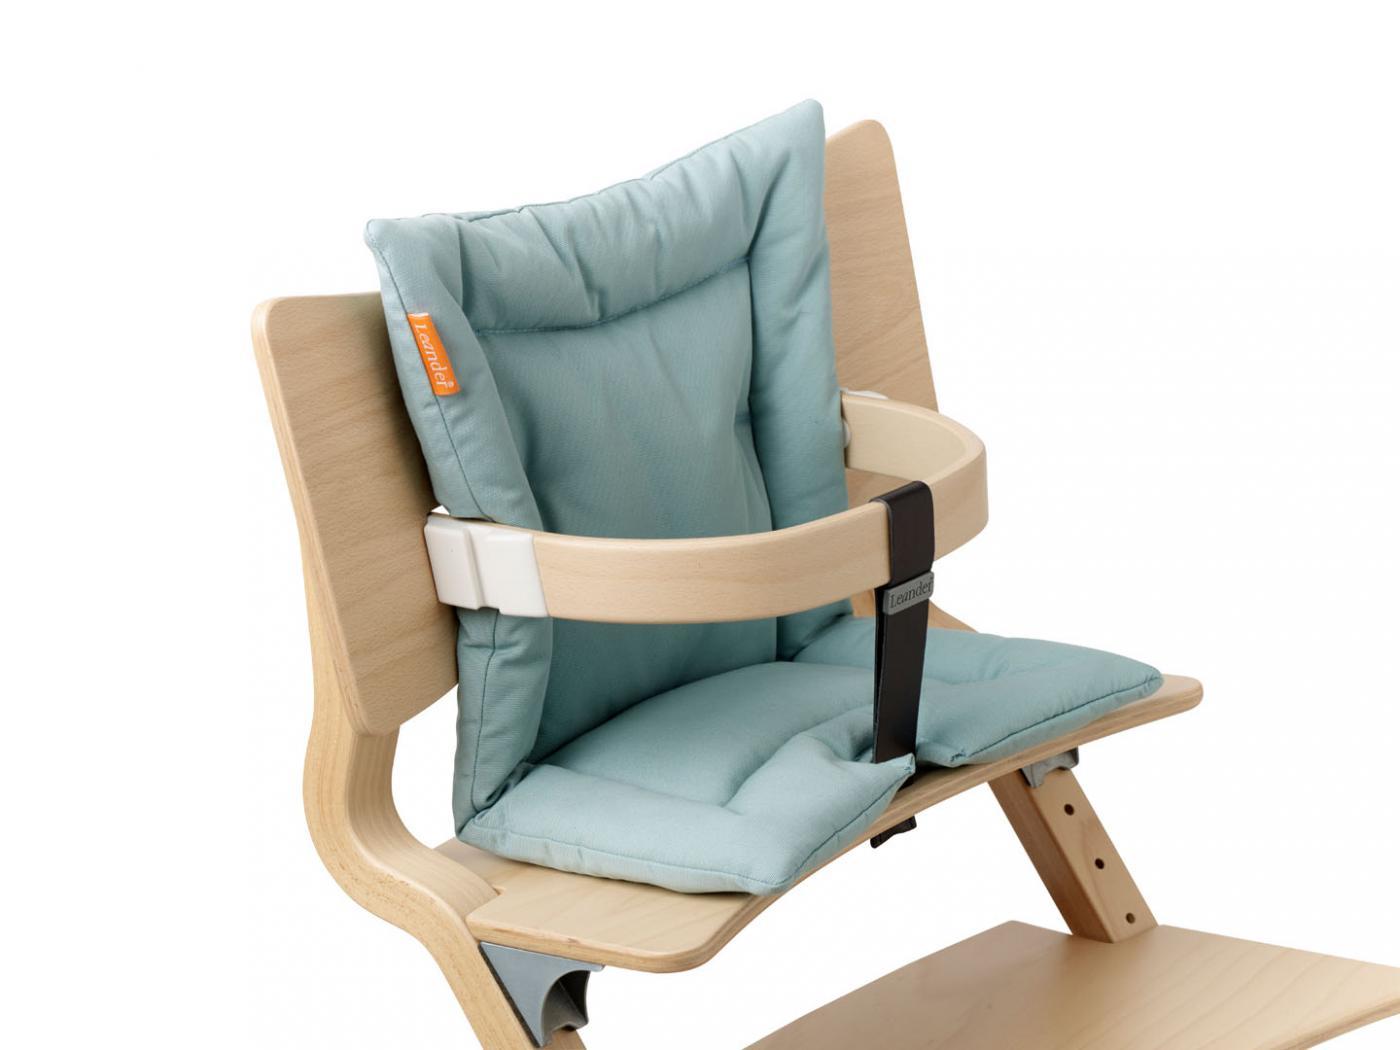 leander coussin bleu pale pour chaise haute. Black Bedroom Furniture Sets. Home Design Ideas